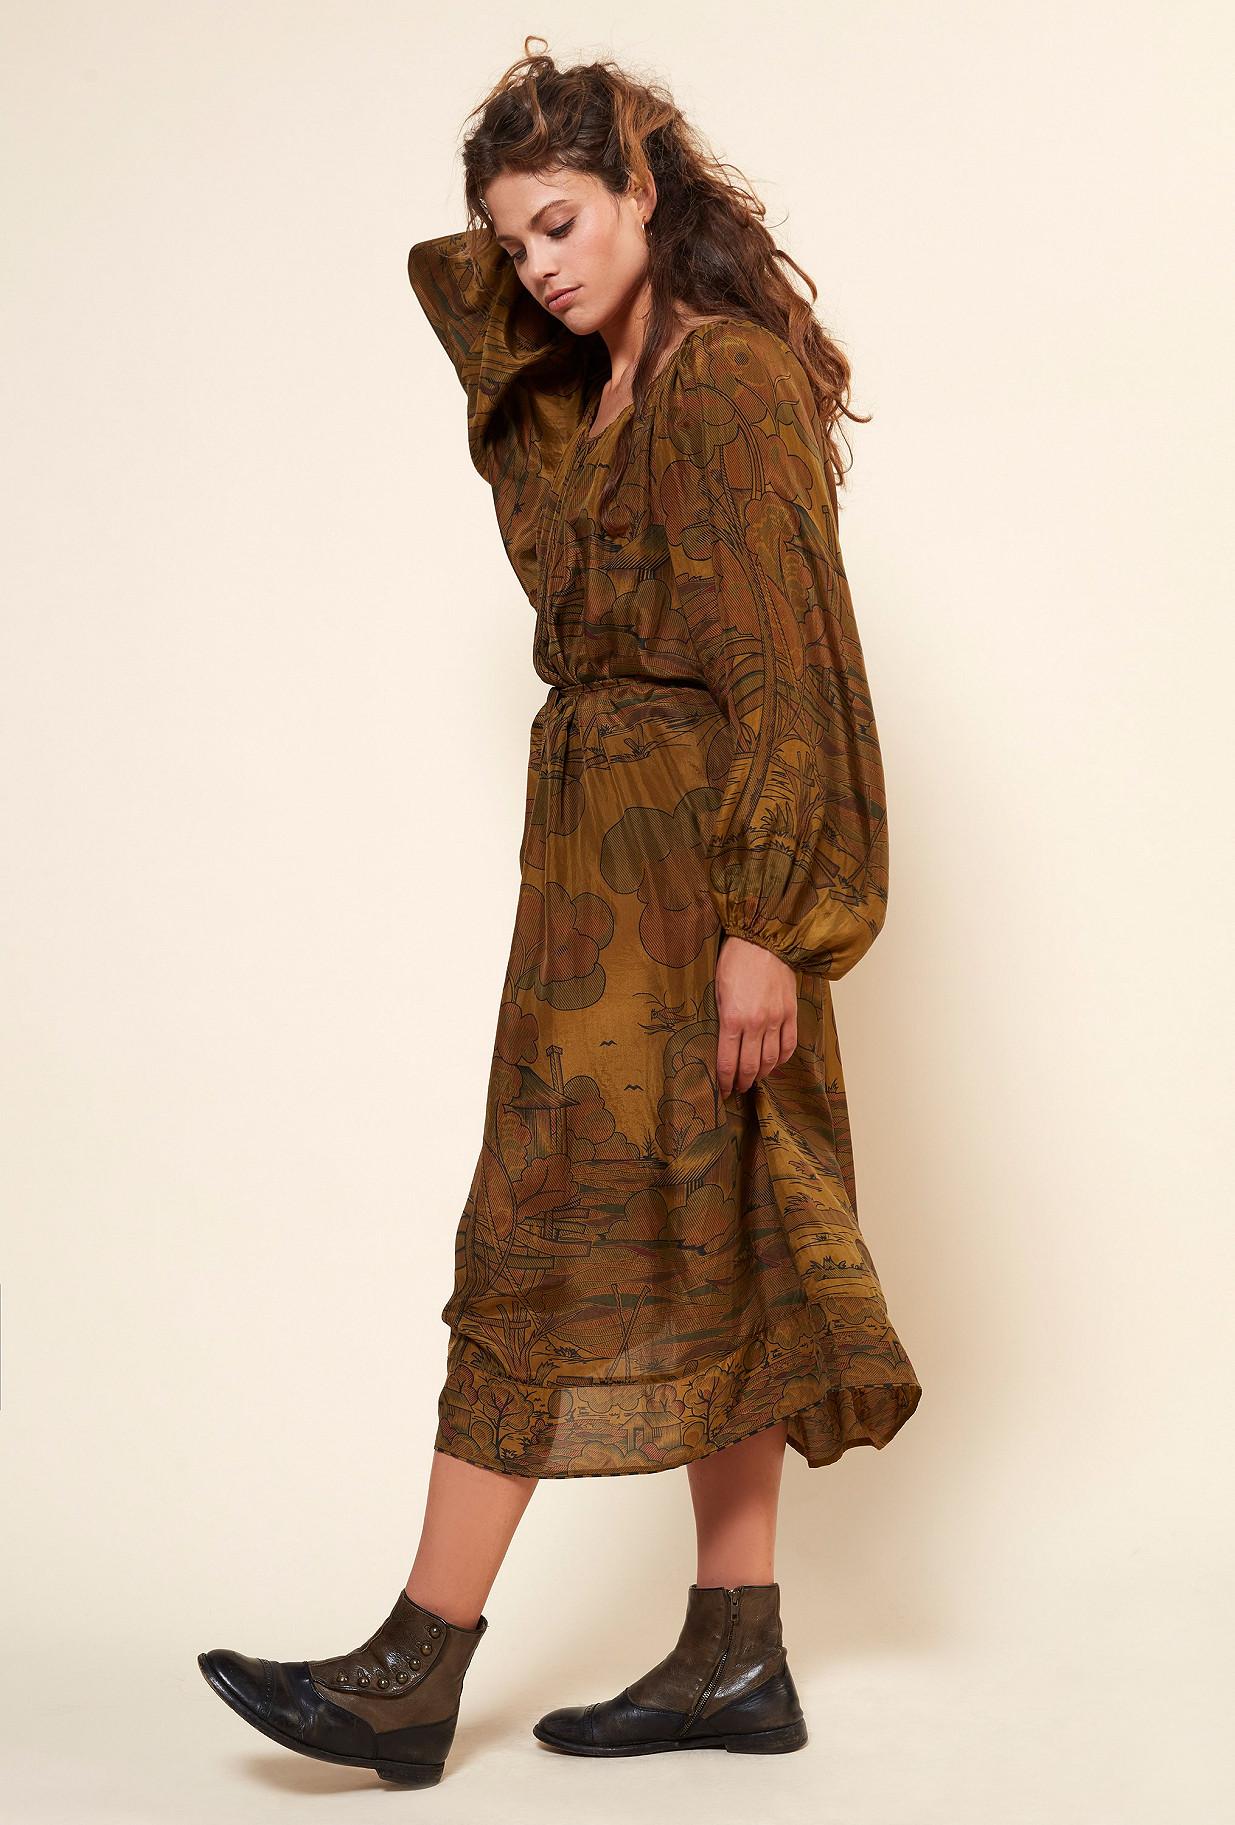 boutique de vetement Robe createur boheme  Cyprille